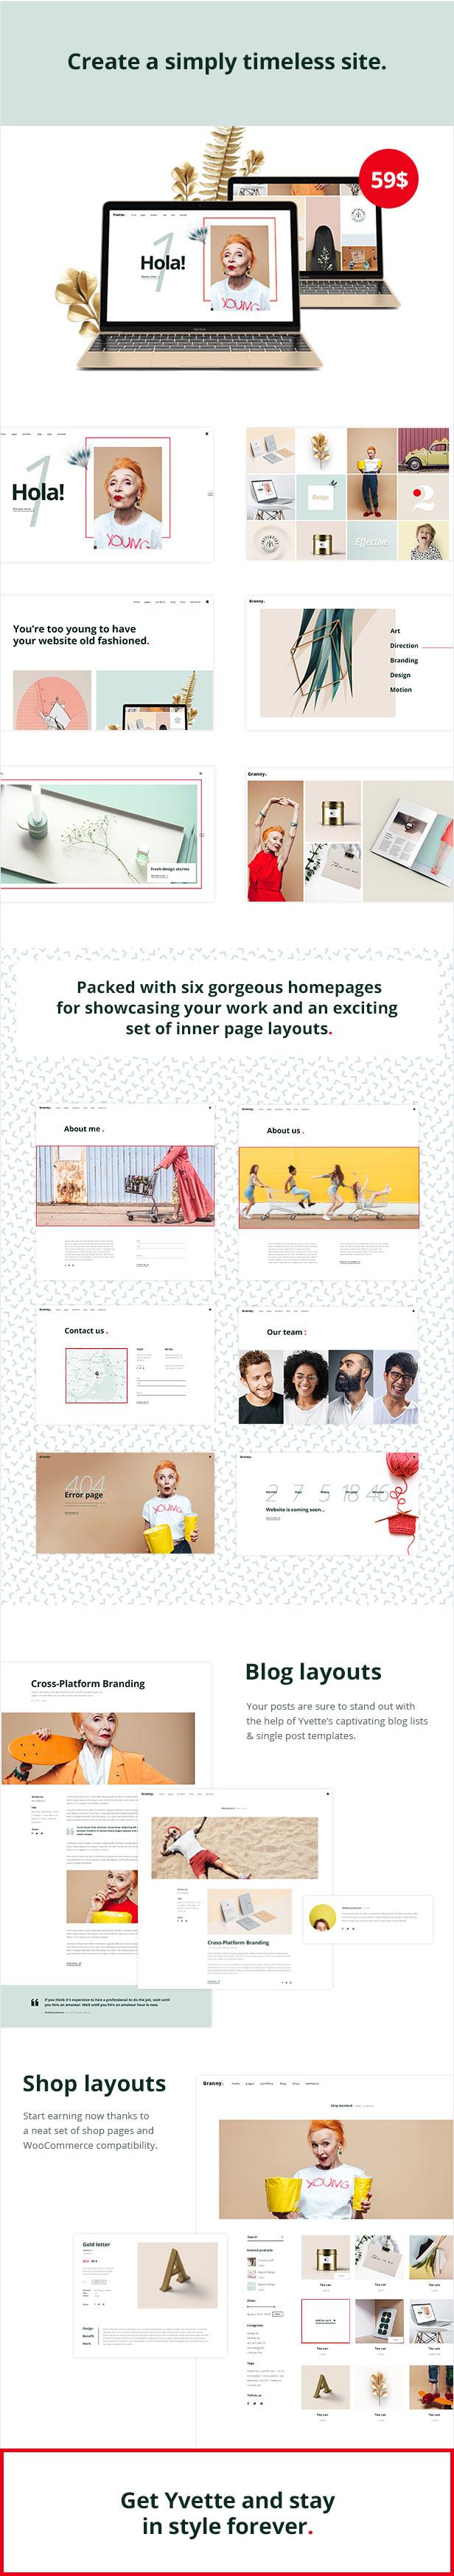 WordPress theme Yvette - A Modern, Lively Portfolio Theme (Portfolio)